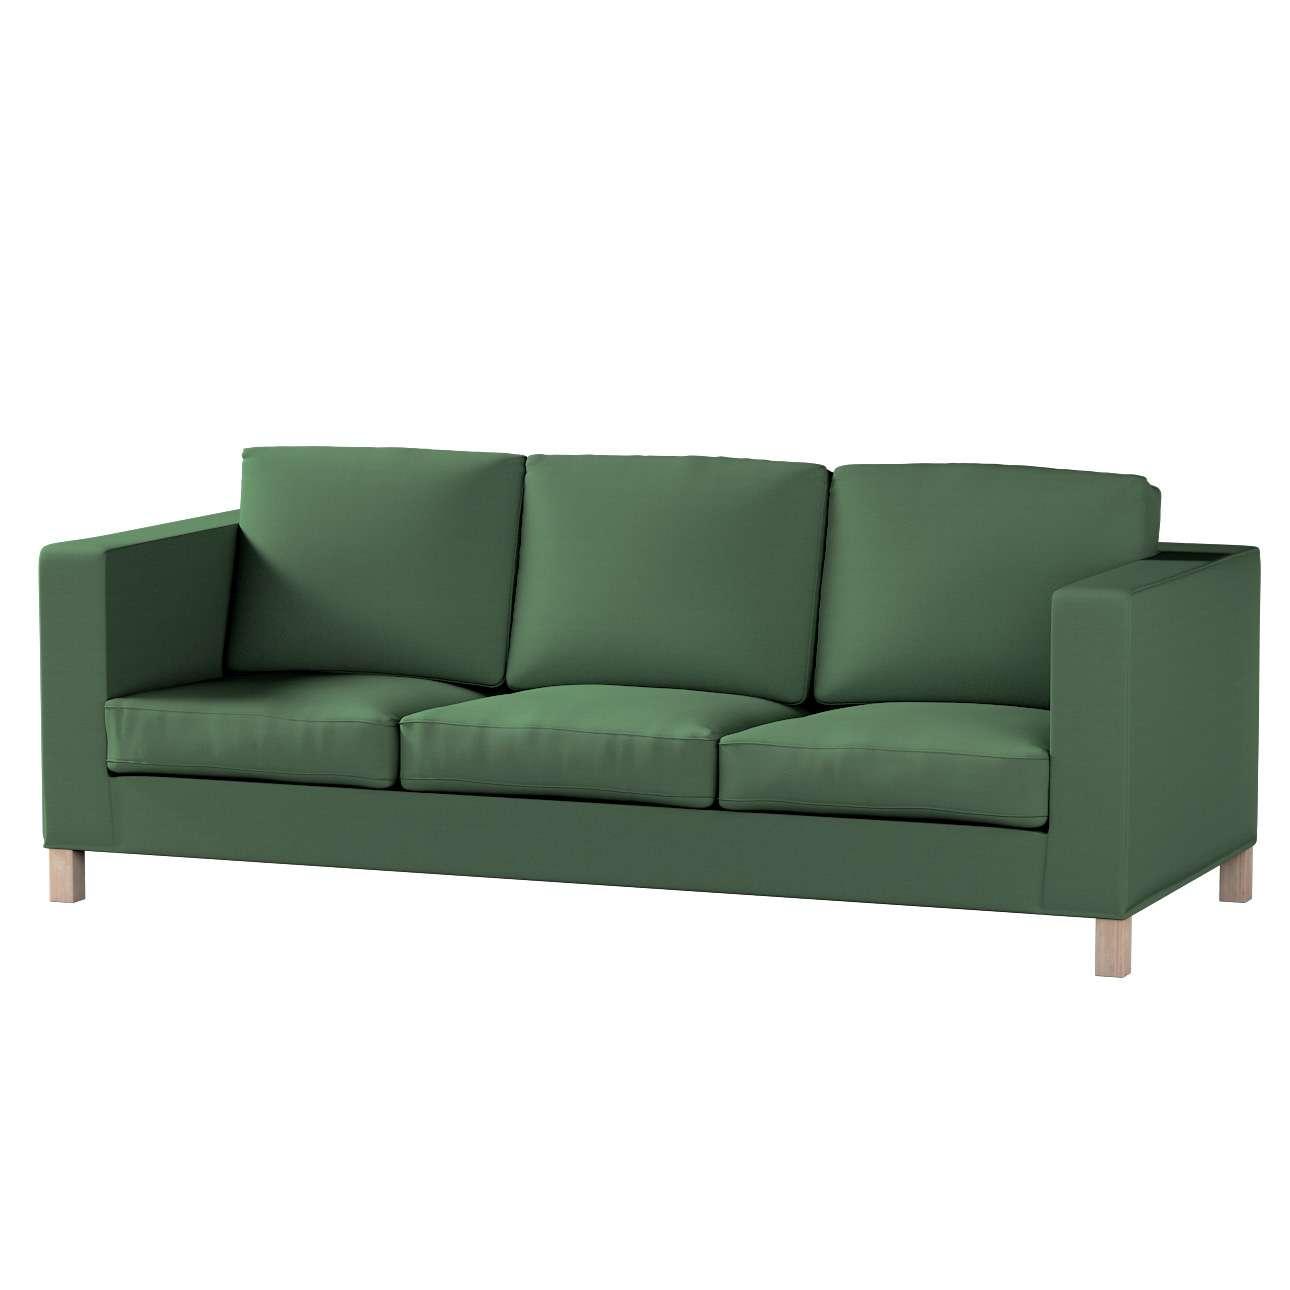 Karlanda 3-Sitzer  Sofabezug nicht ausklappbar kurz Karlanda 3-Sitzer, kurz von der Kollektion Cotton Panama, Stoff: 702-06